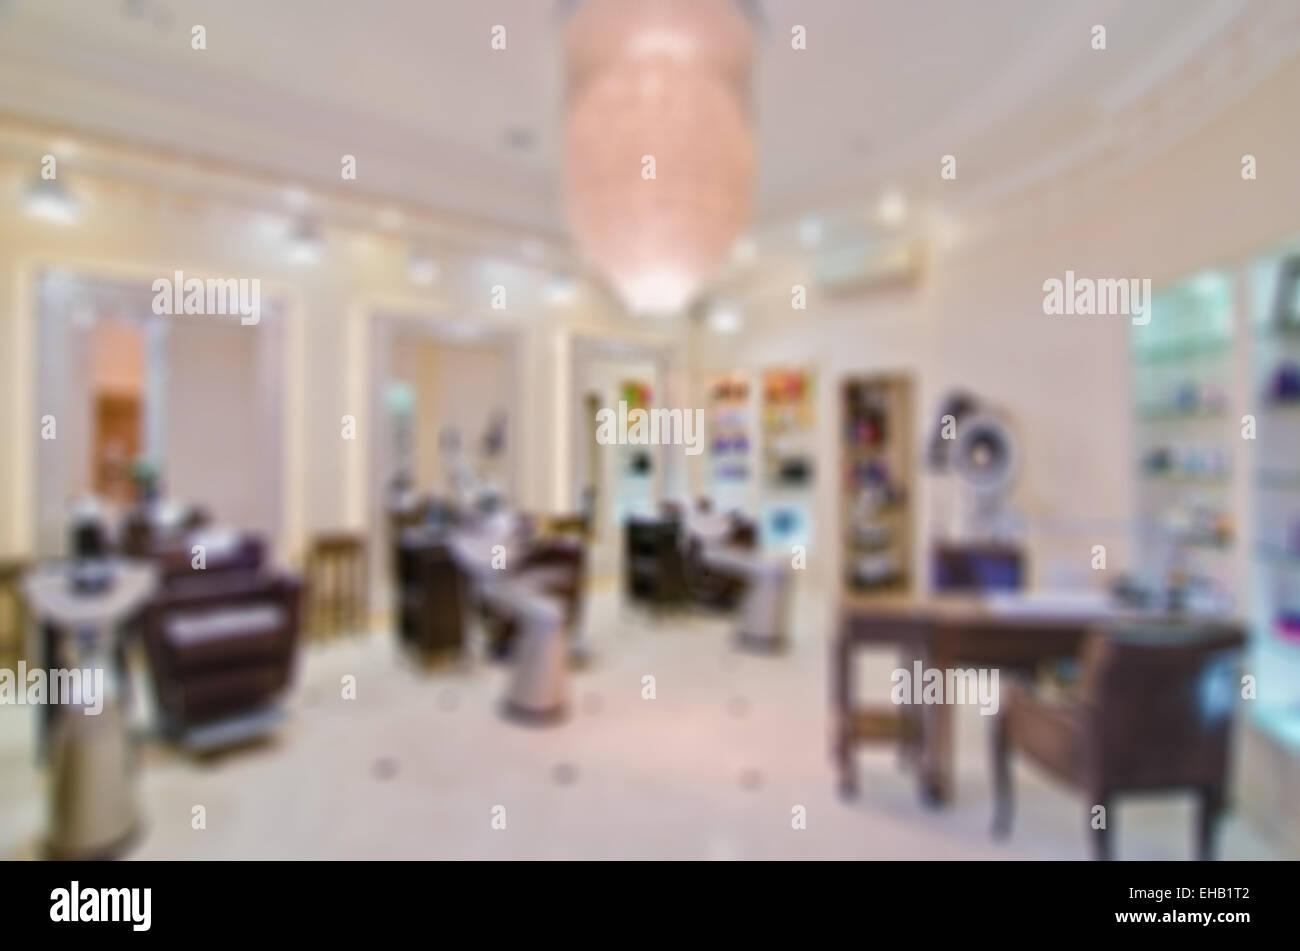 Modernen Beauty-Salon Hintergrund weichzeichnen Stockfoto, Bild ...